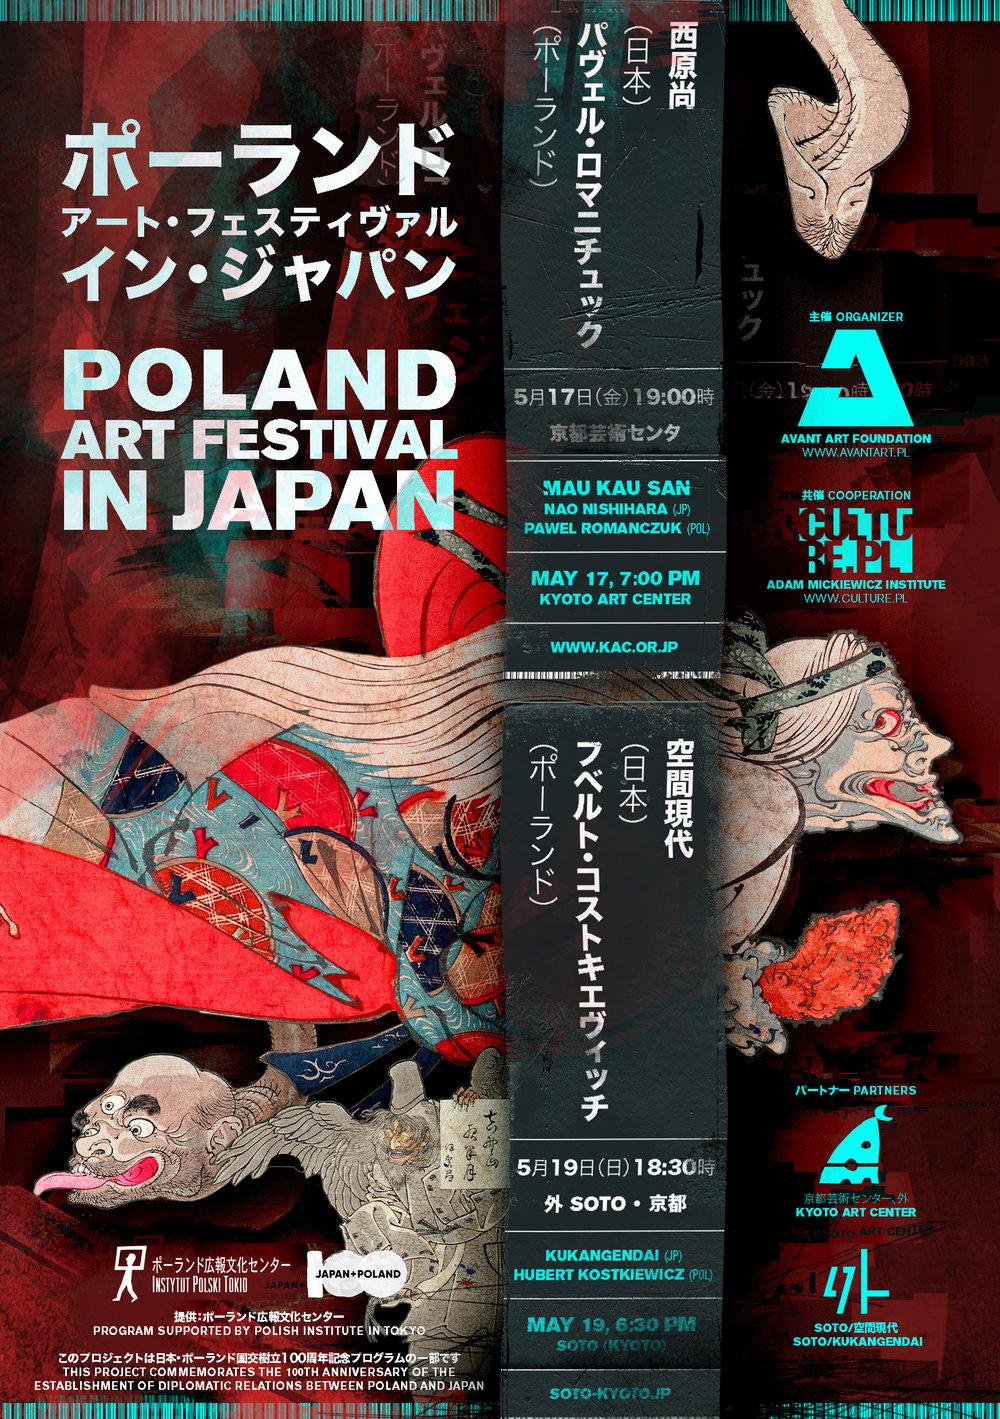 Poland Art Festival in Japan